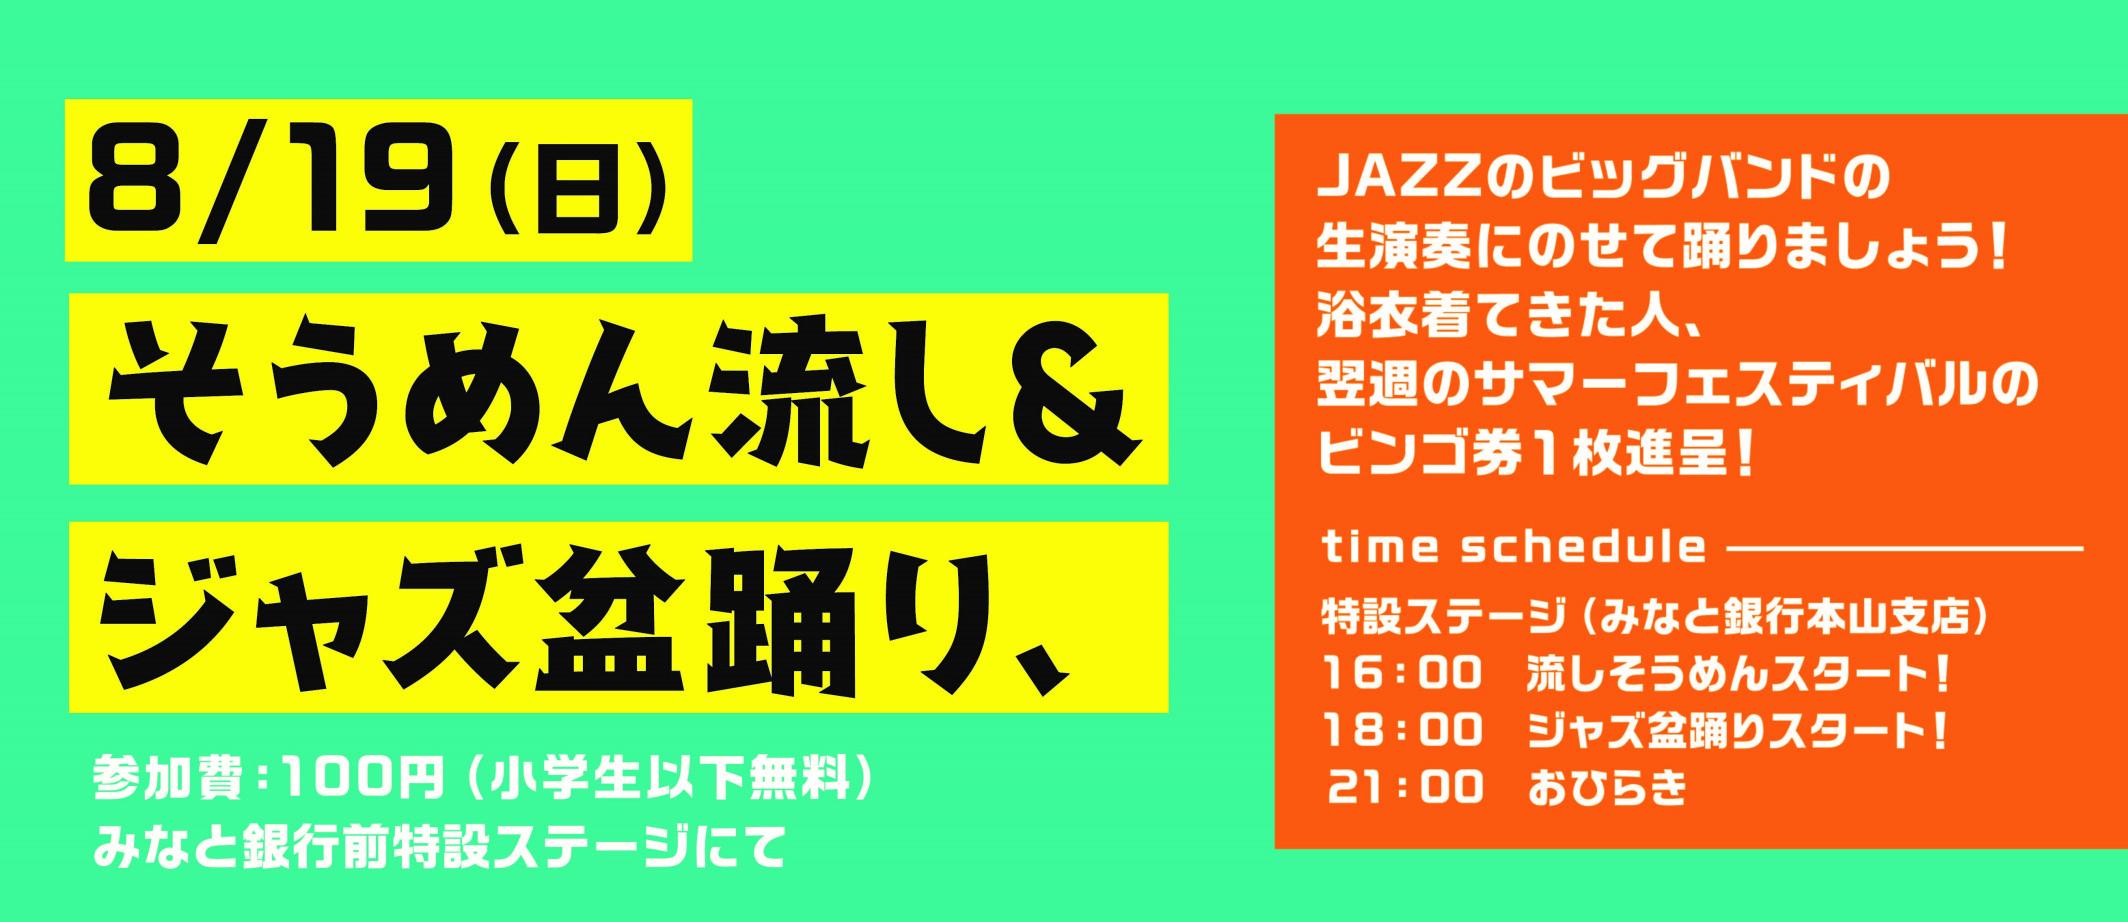 神戸・岡本商店街で8/19(日)「そうめん流し&ジャズ盆踊り」が開催されるよ! #岡本商店街 #そうめん流し #ジャズ盆踊り #夏祭り #神戸岡本